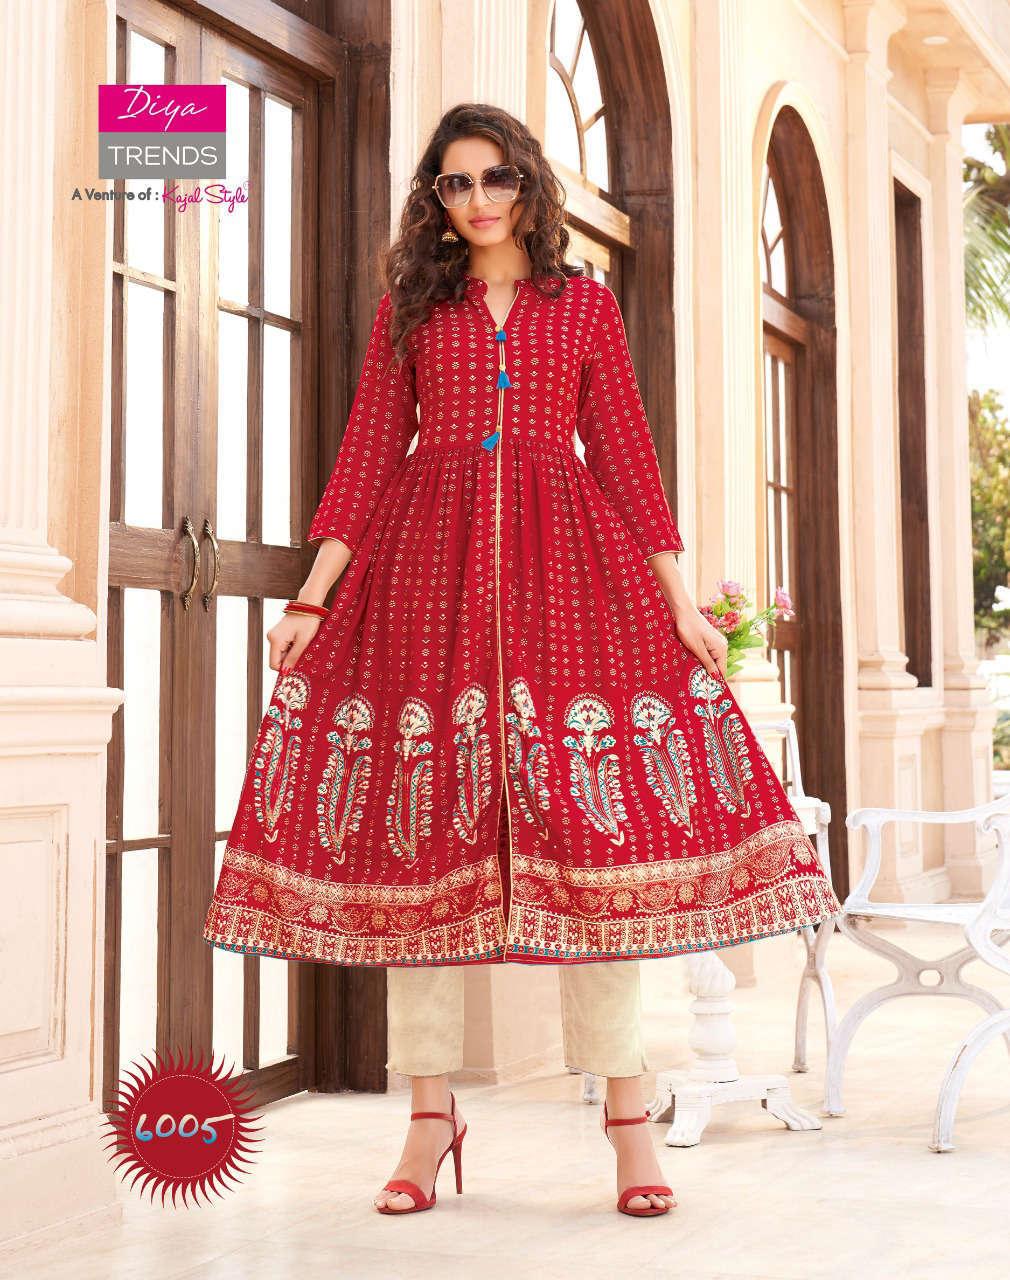 Diya Trends Ethnicity Vol 6 by Kajal Style Kurti Wholesale Catalog 10 Pcs 7 - Diya Trends Ethnicity Vol 6 by Kajal Style Kurti Wholesale Catalog 10 Pcs